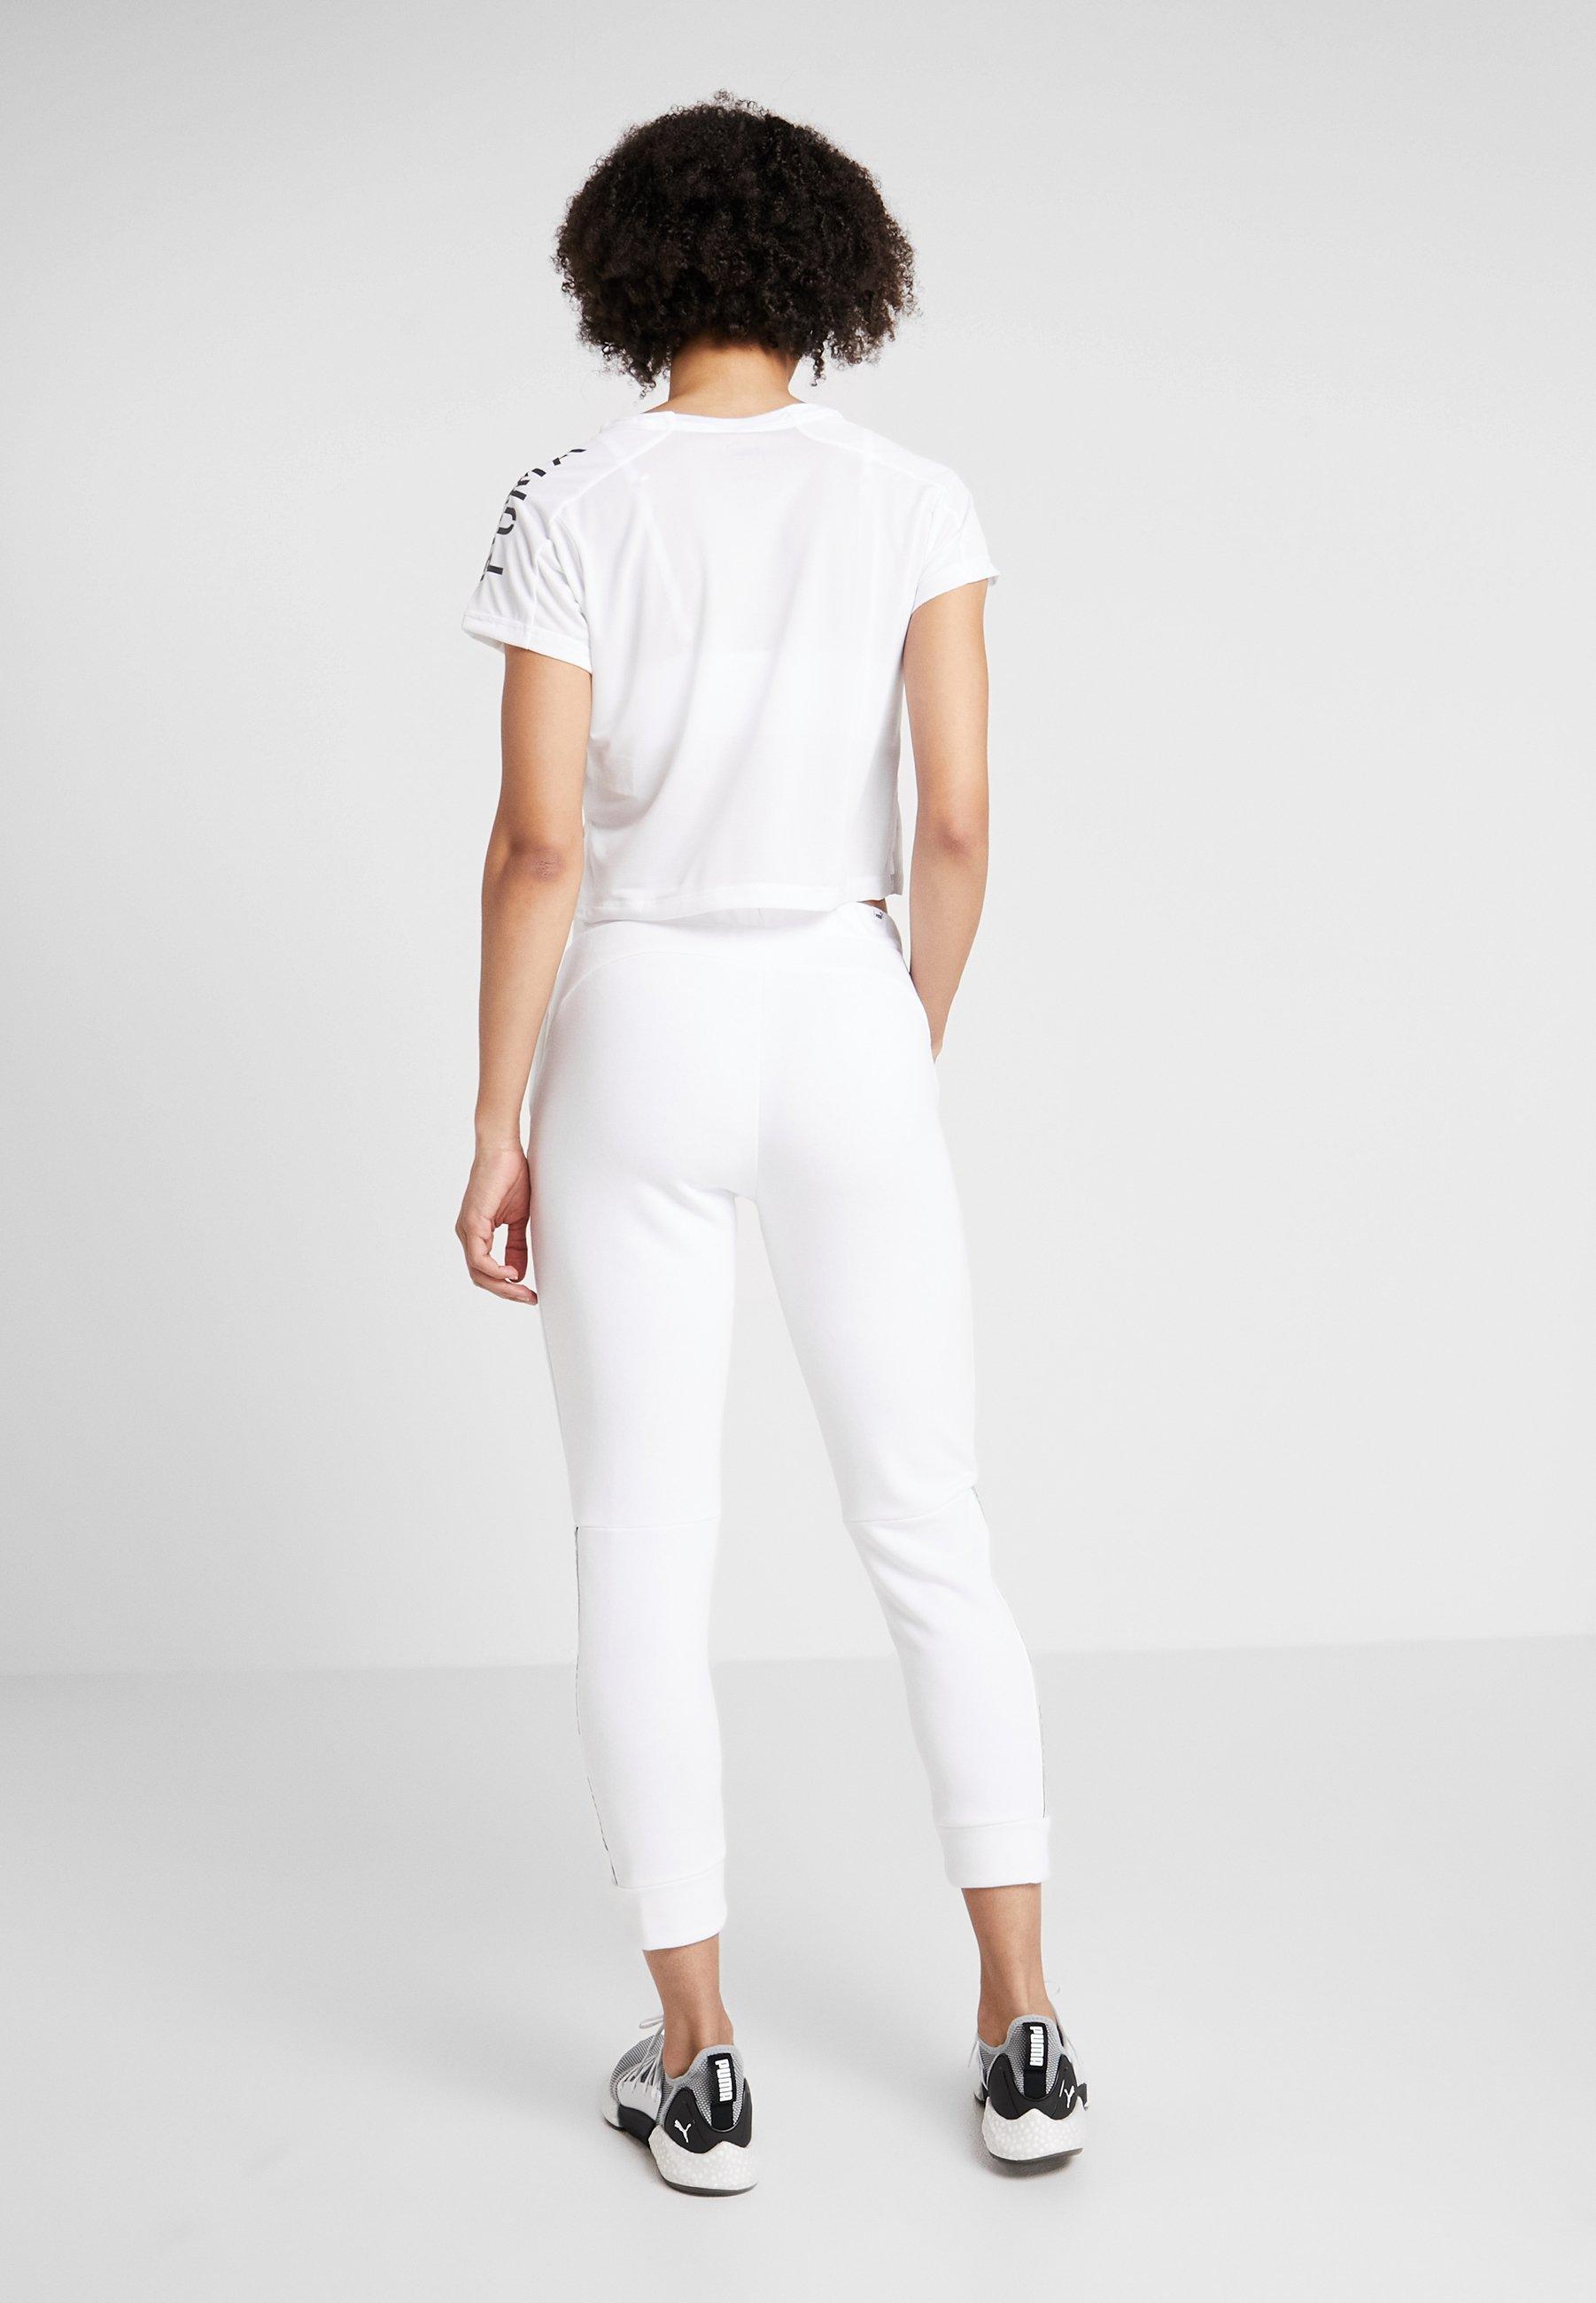 PantsPantalon De White Puma Amplified Survêtement jARL45q3